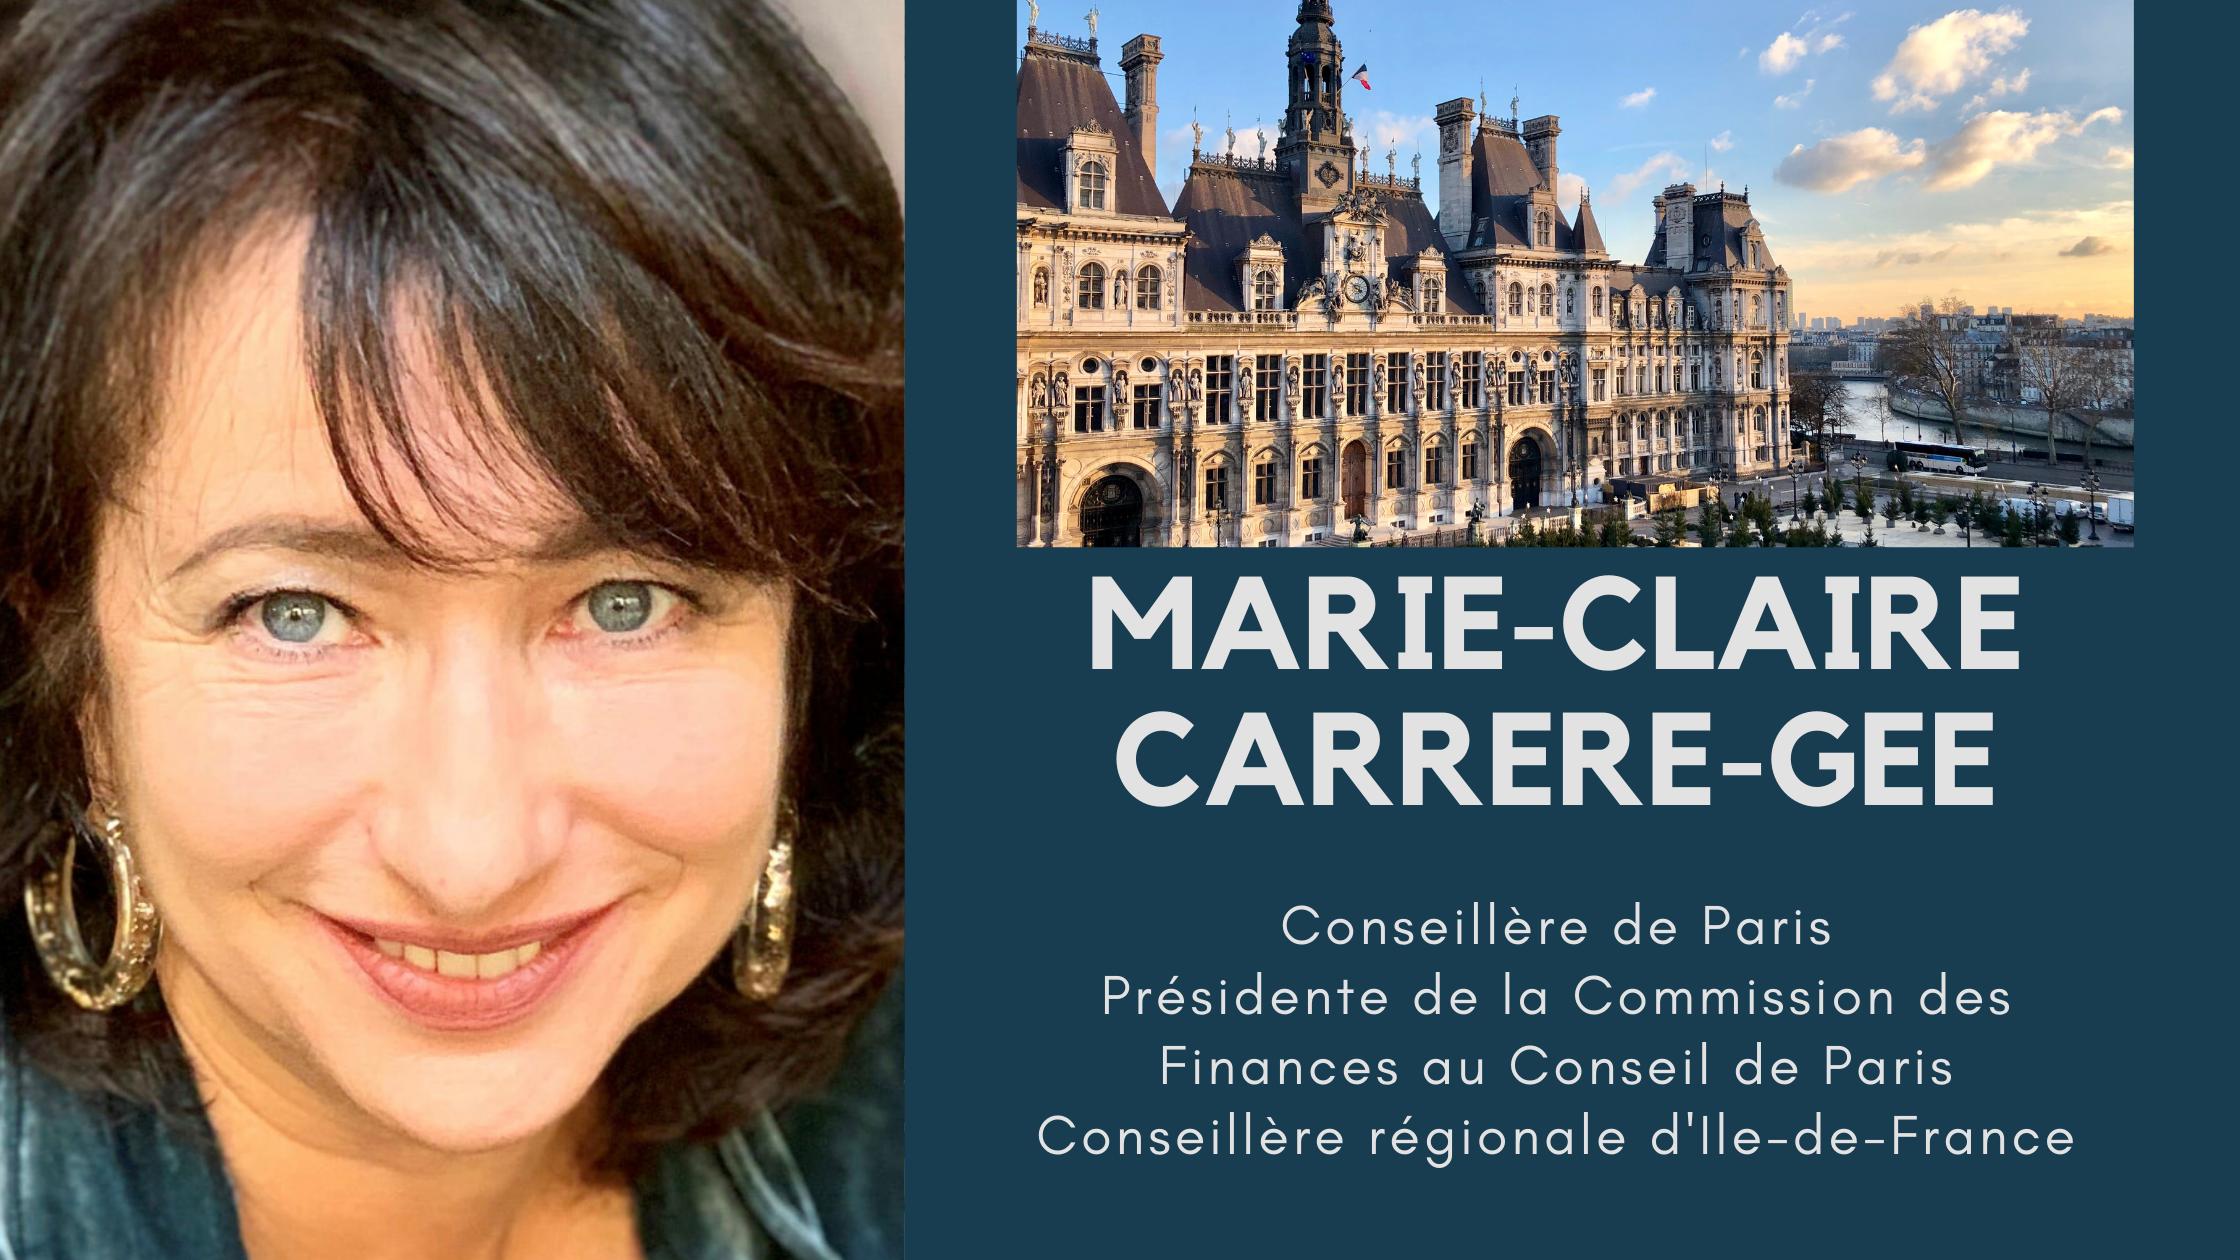 Blog de Marie-Claire Carrère-Gée - Conseillère de Paris, élue du 14e arrondissement - Présidente de la Commission des Finances au Conseil de Paris -Conseillère régionale d'Ile-de-France